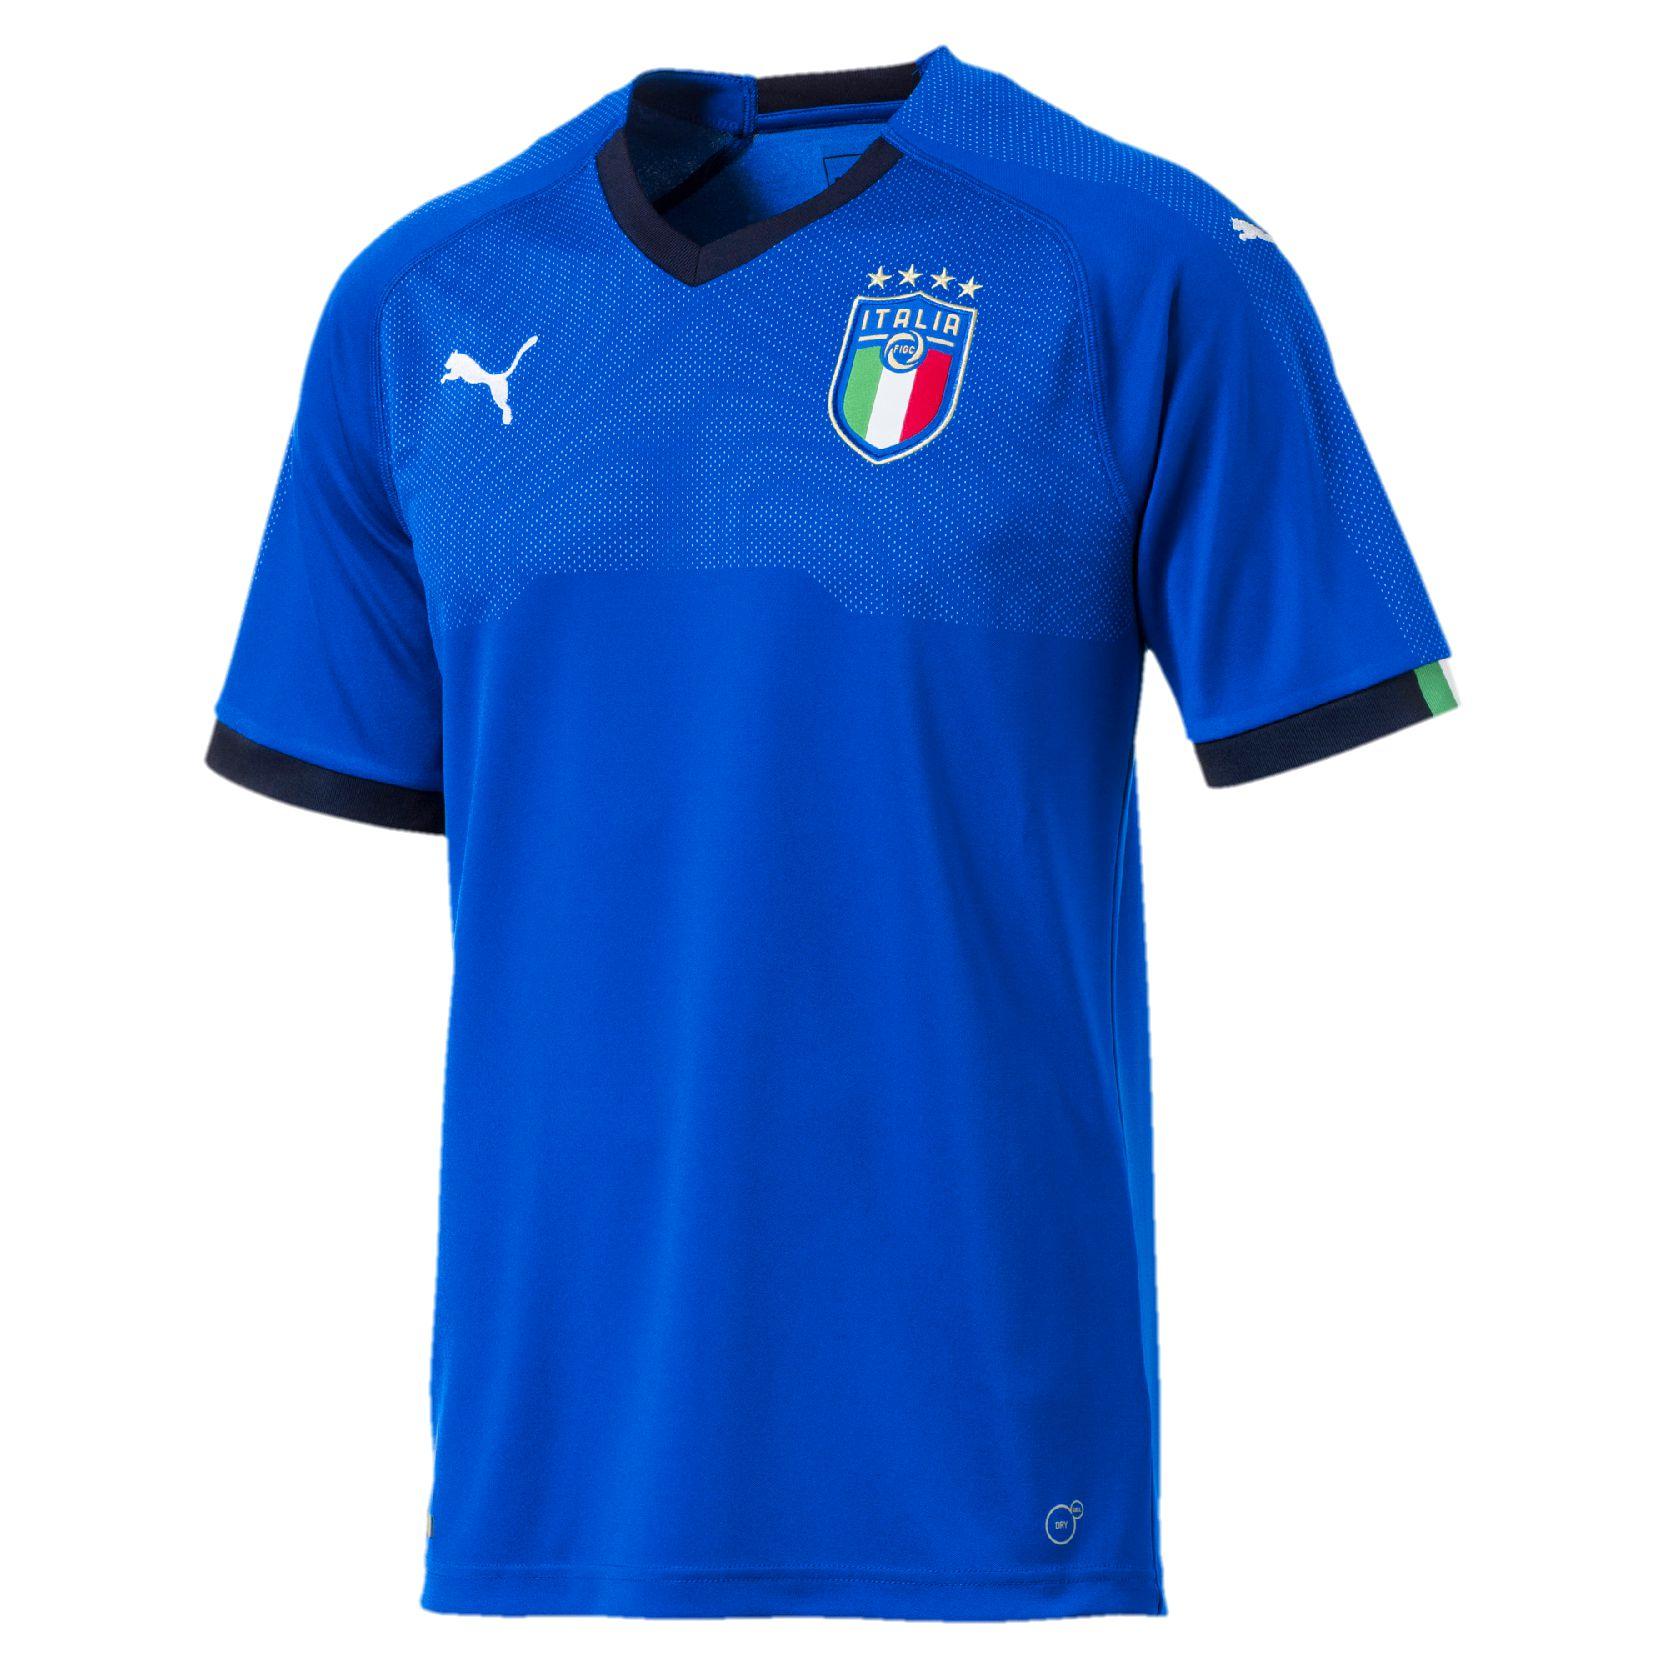 b6cafa6b952 ... Italy 2018 Puma Away Kit · Click to enlarge image  italy_2018_puma_home_kit_a.jpg ...